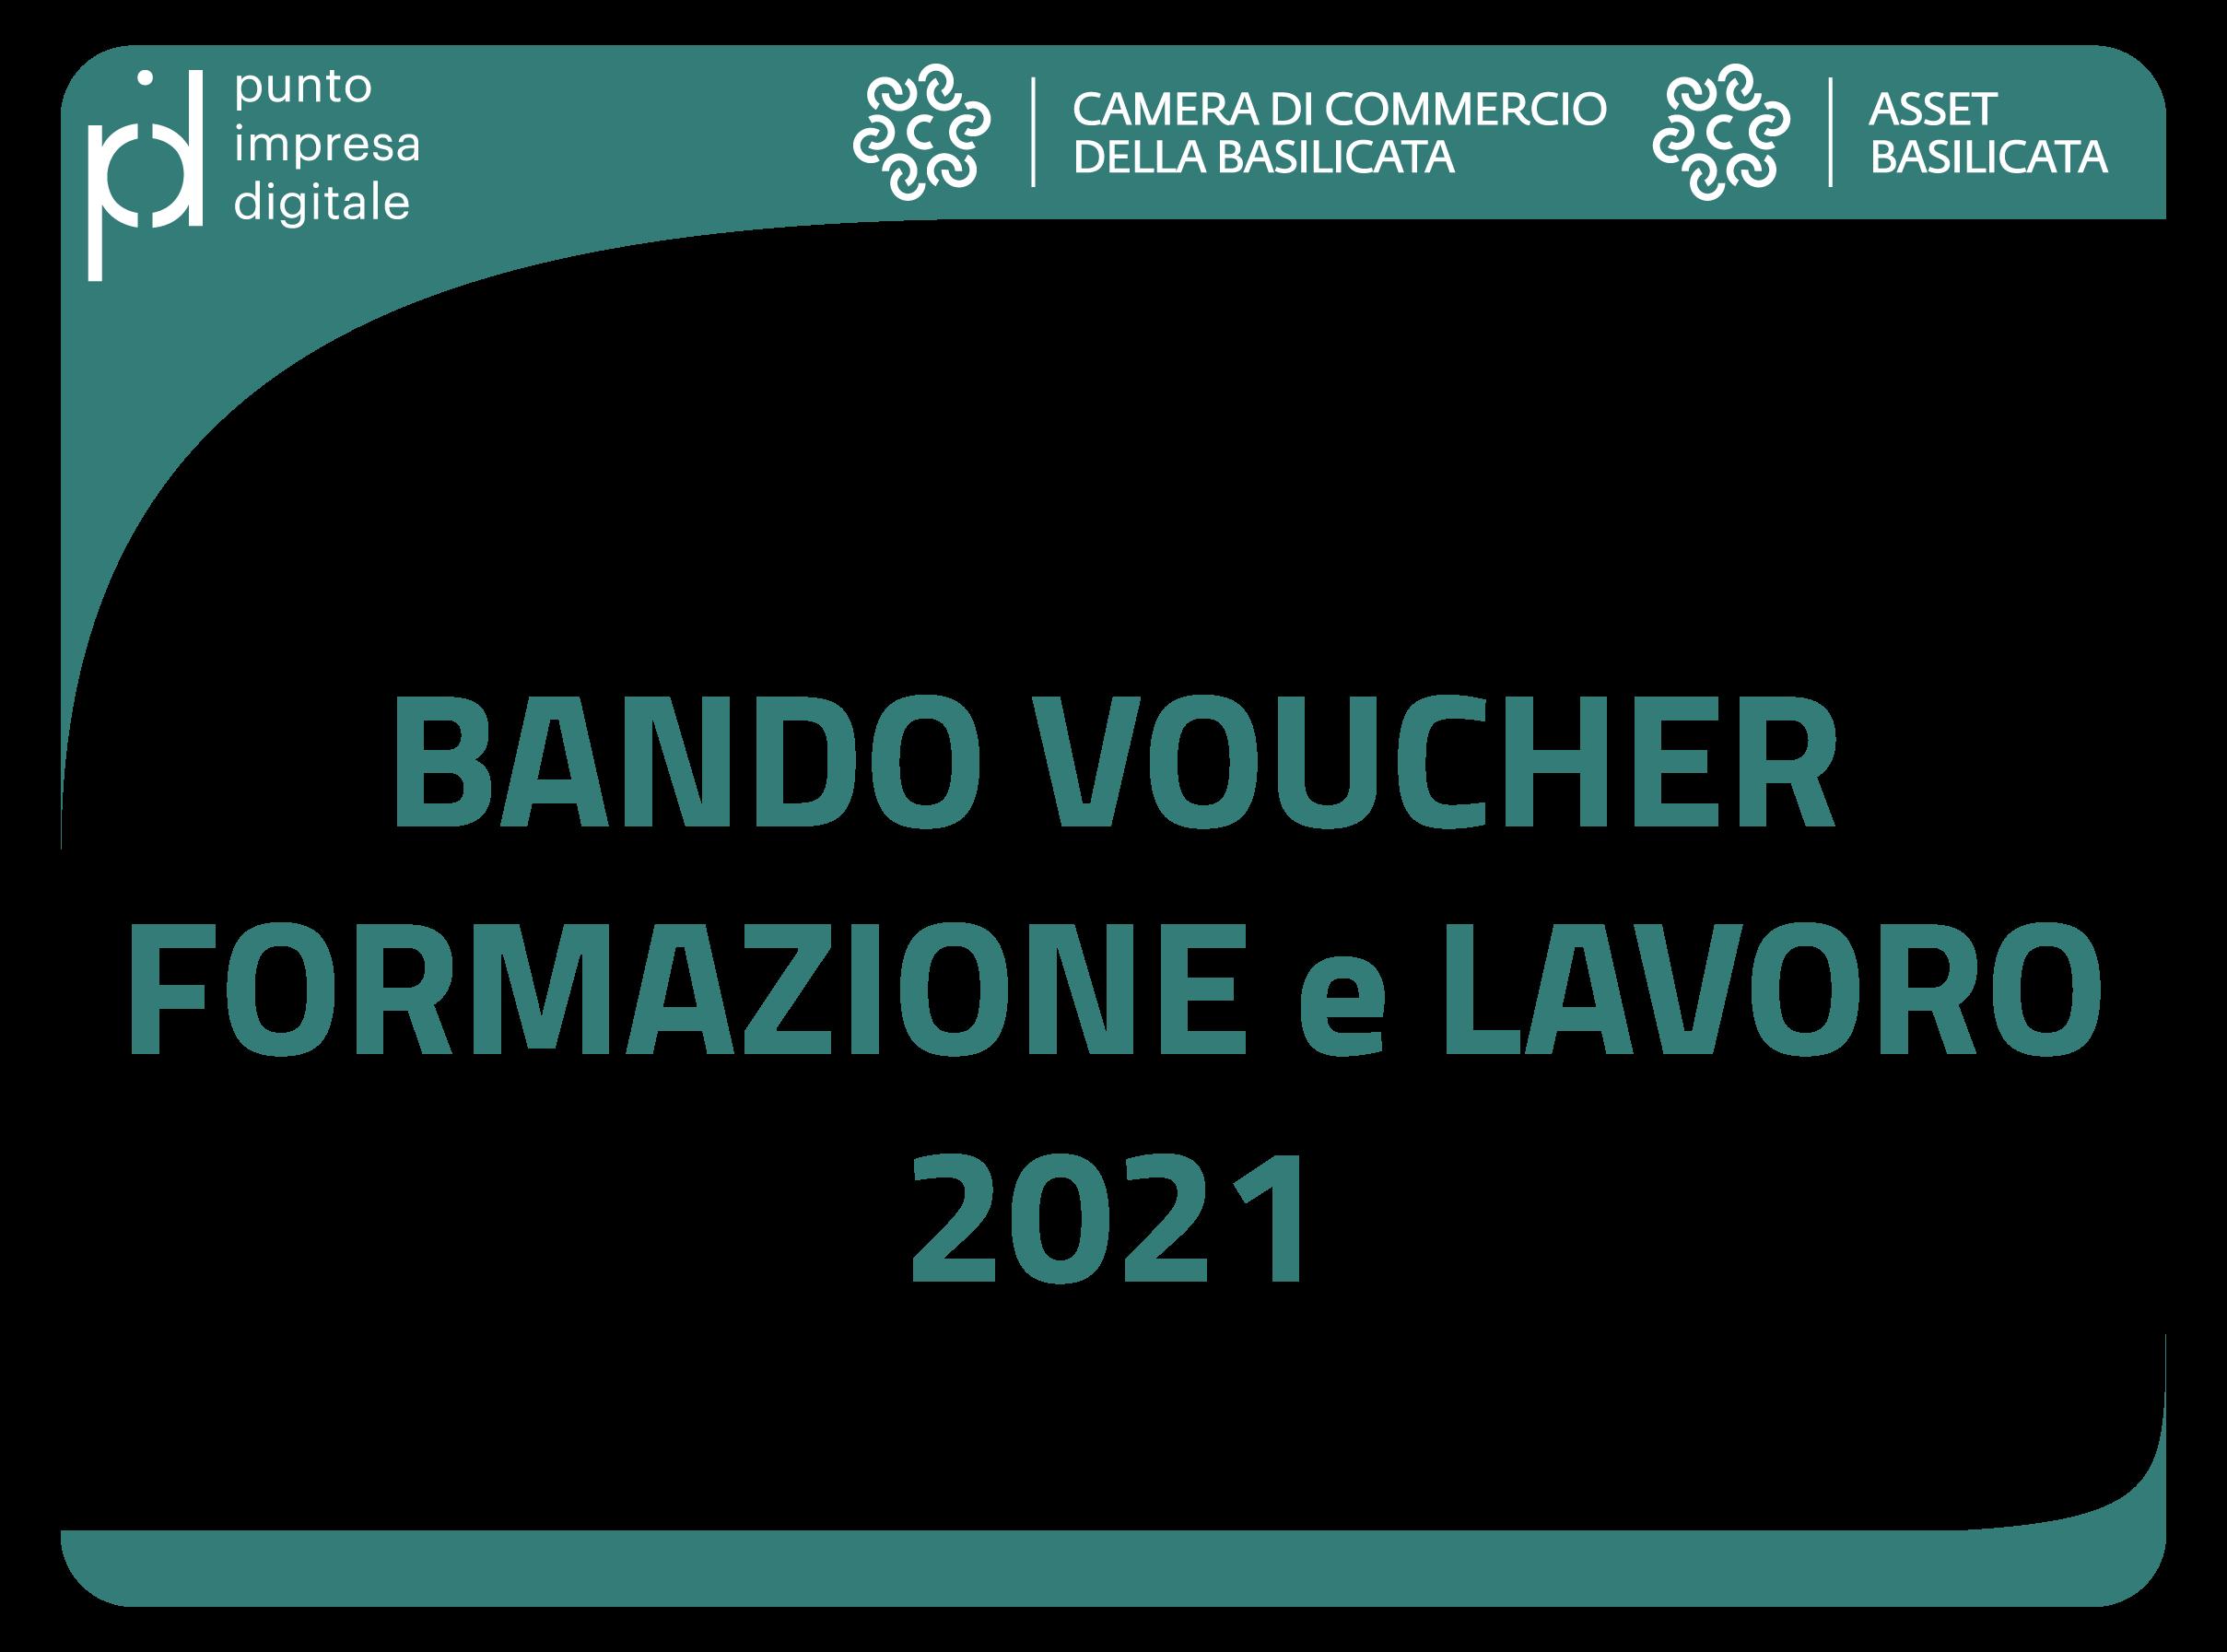 Bando Voucher Formazione e Lavoro 2021